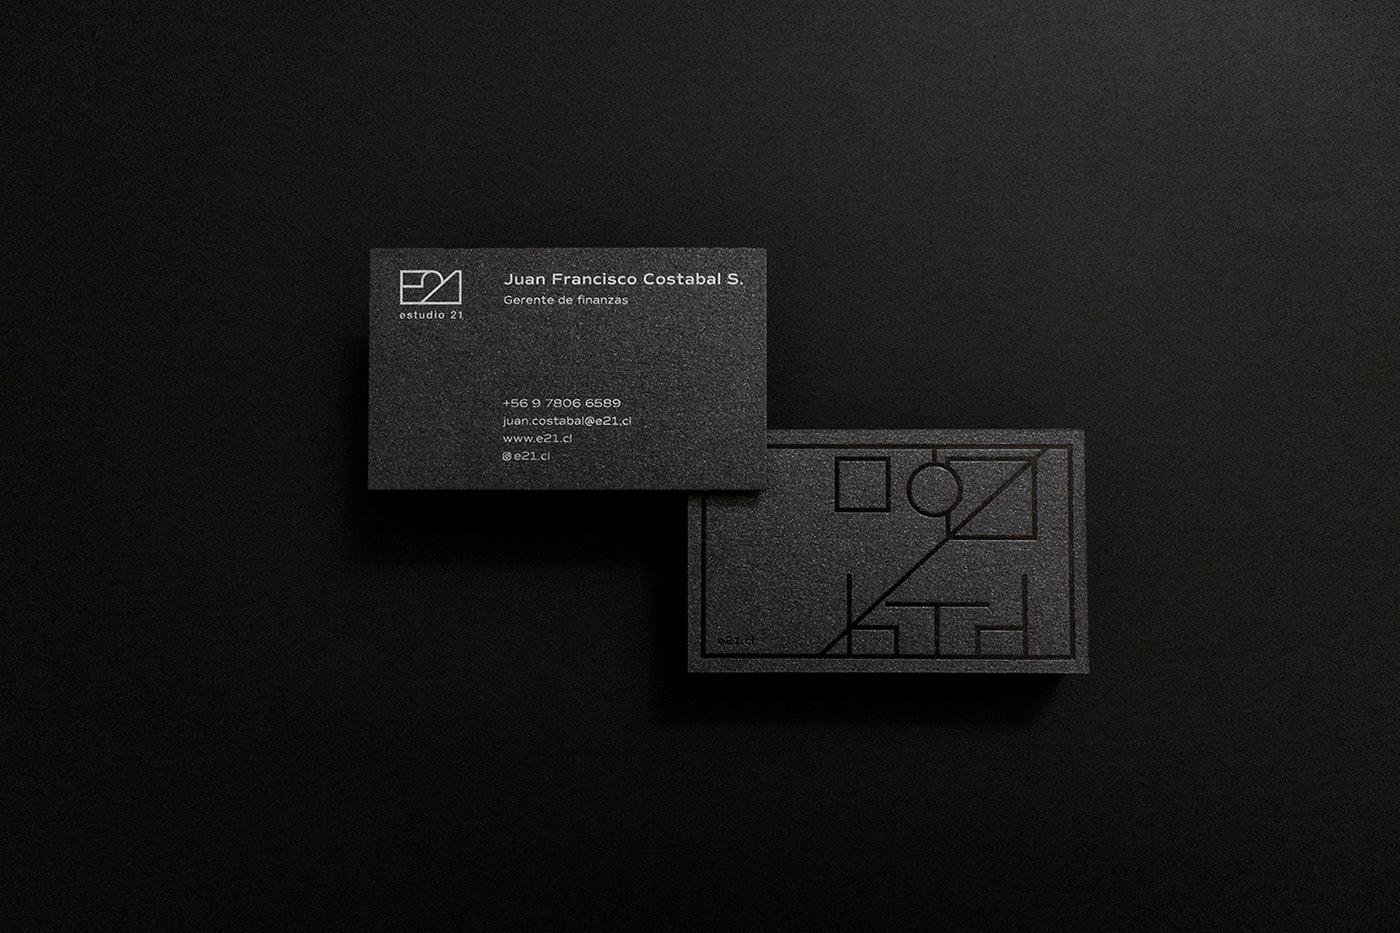 Estudio 21 — Branding